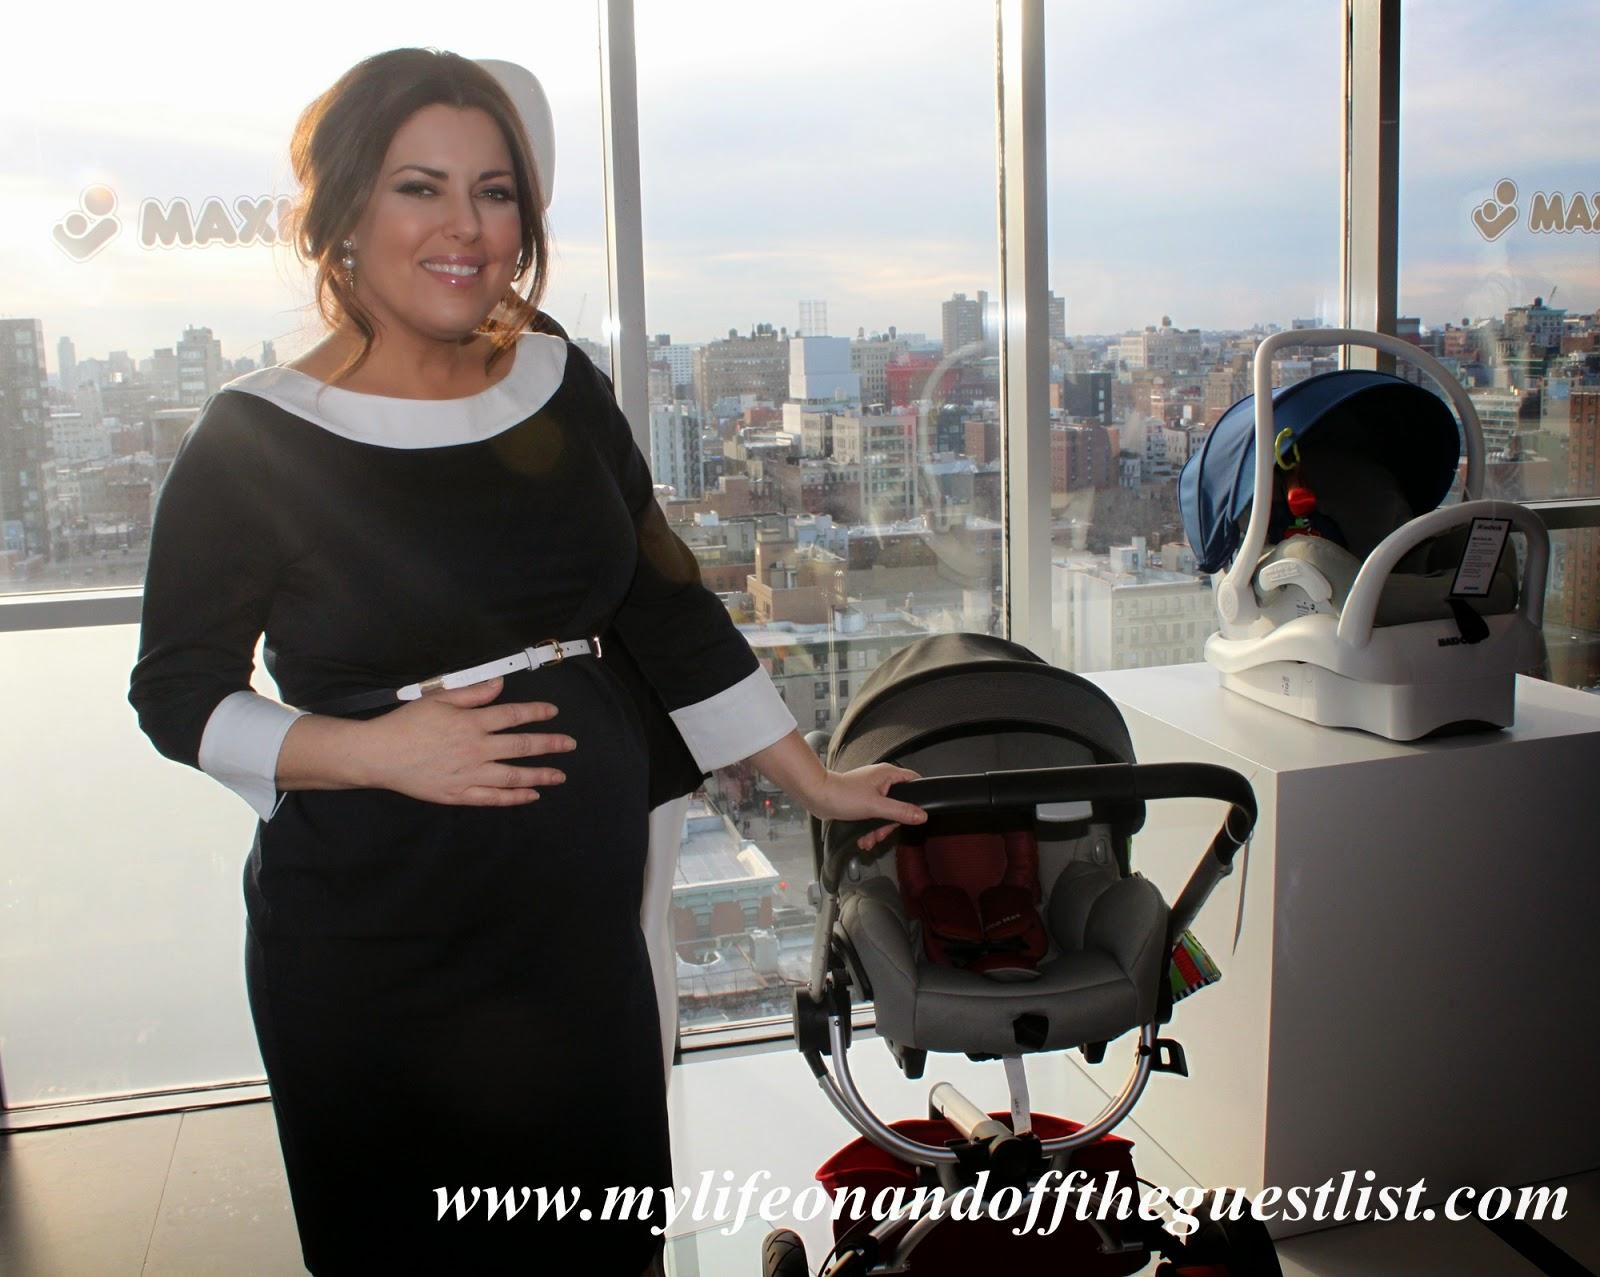 4f2e19d644e Mother s Day Gift Ideas  Maxi-Cosi s  CosiStyle Event w  Bobbie Thomas